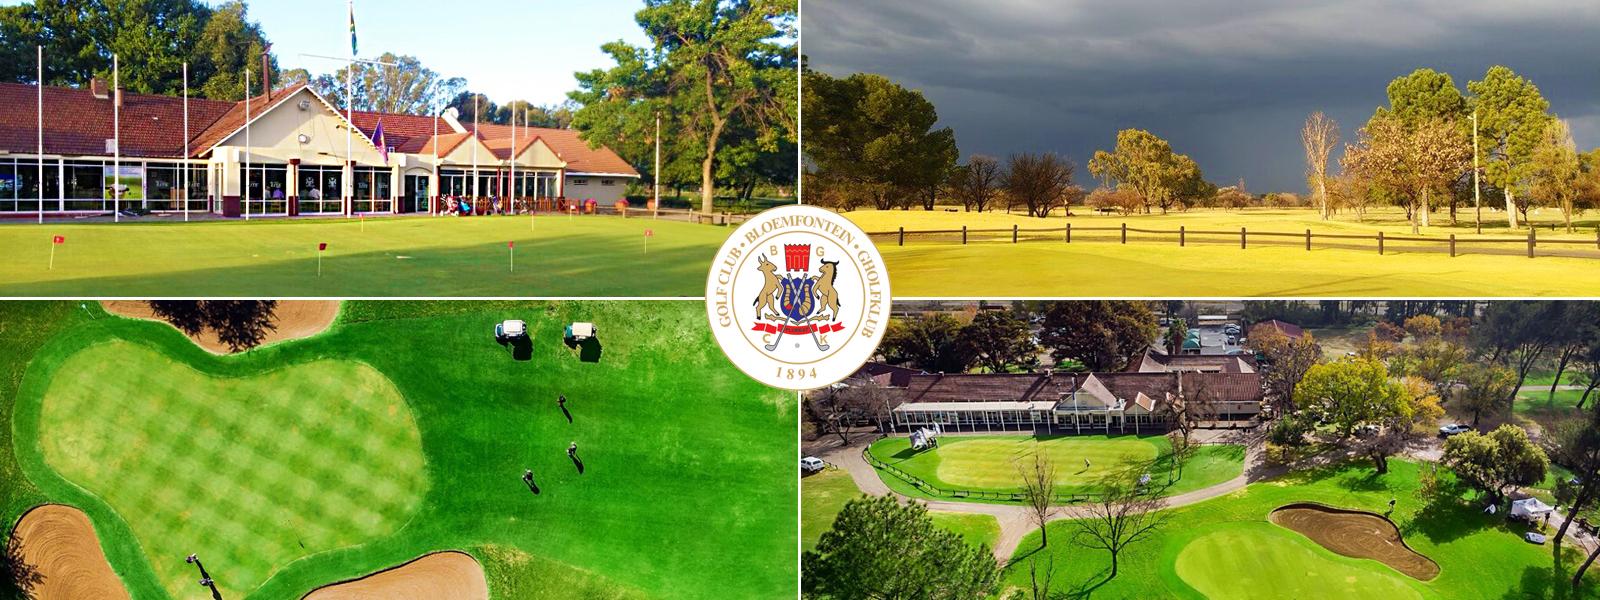 Bloemfontein Golf Club MWG www.mwg.co.za